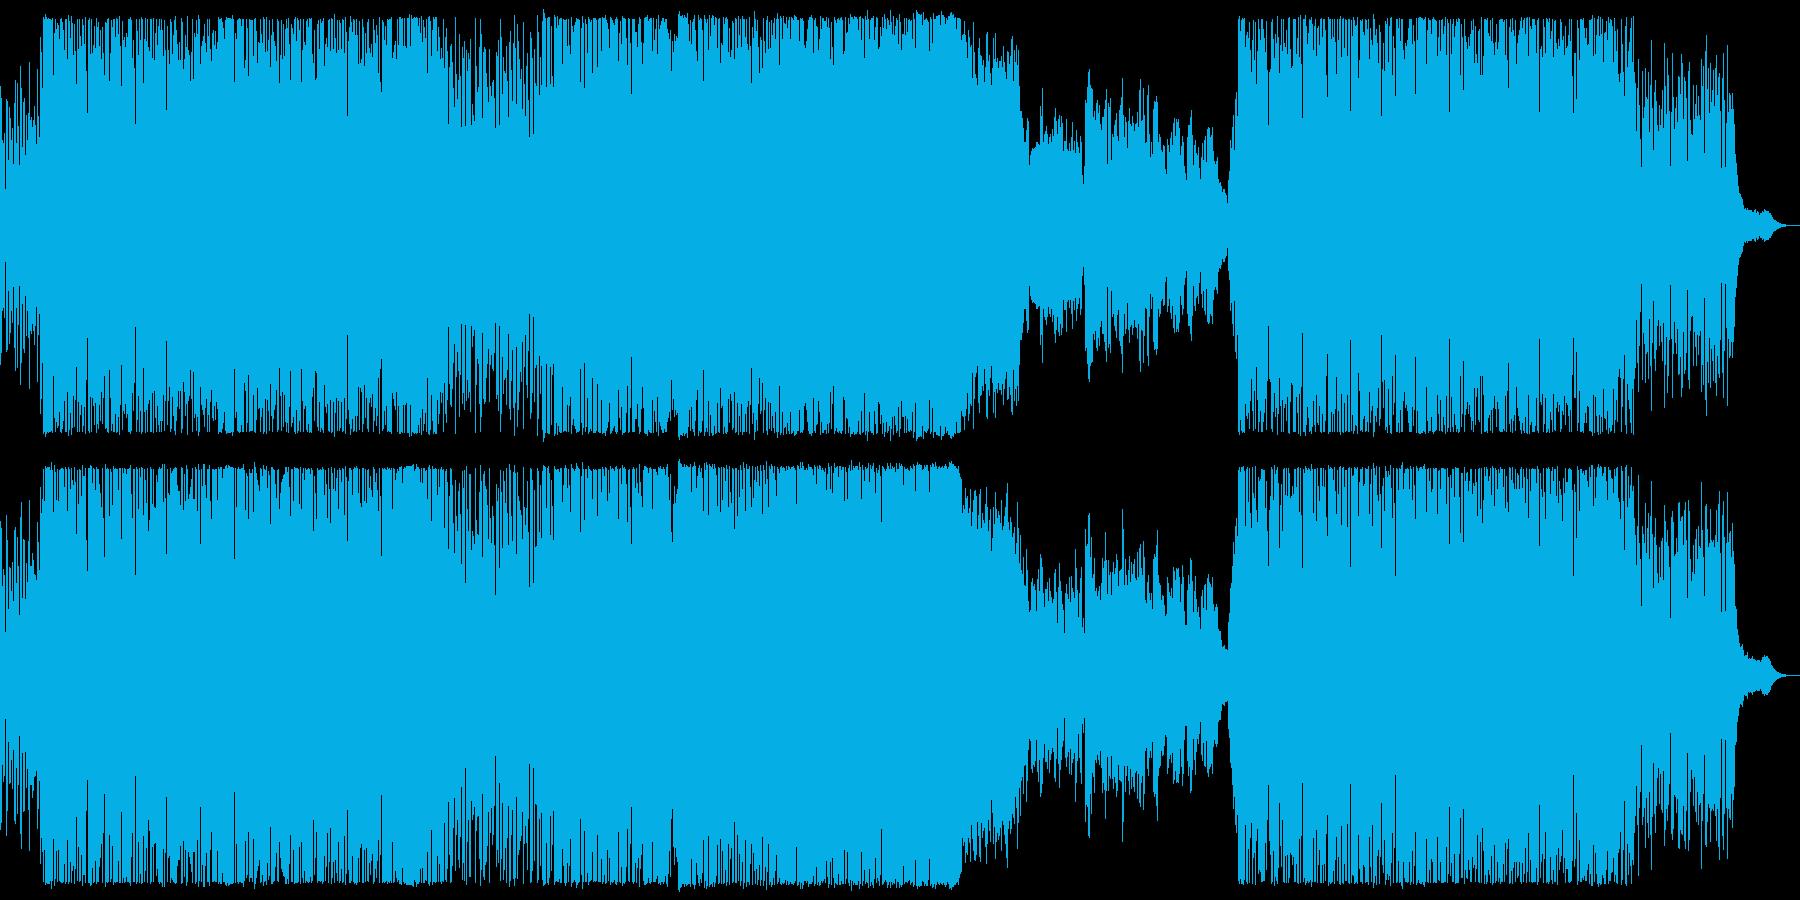 FM風音源のシューティング曲の再生済みの波形